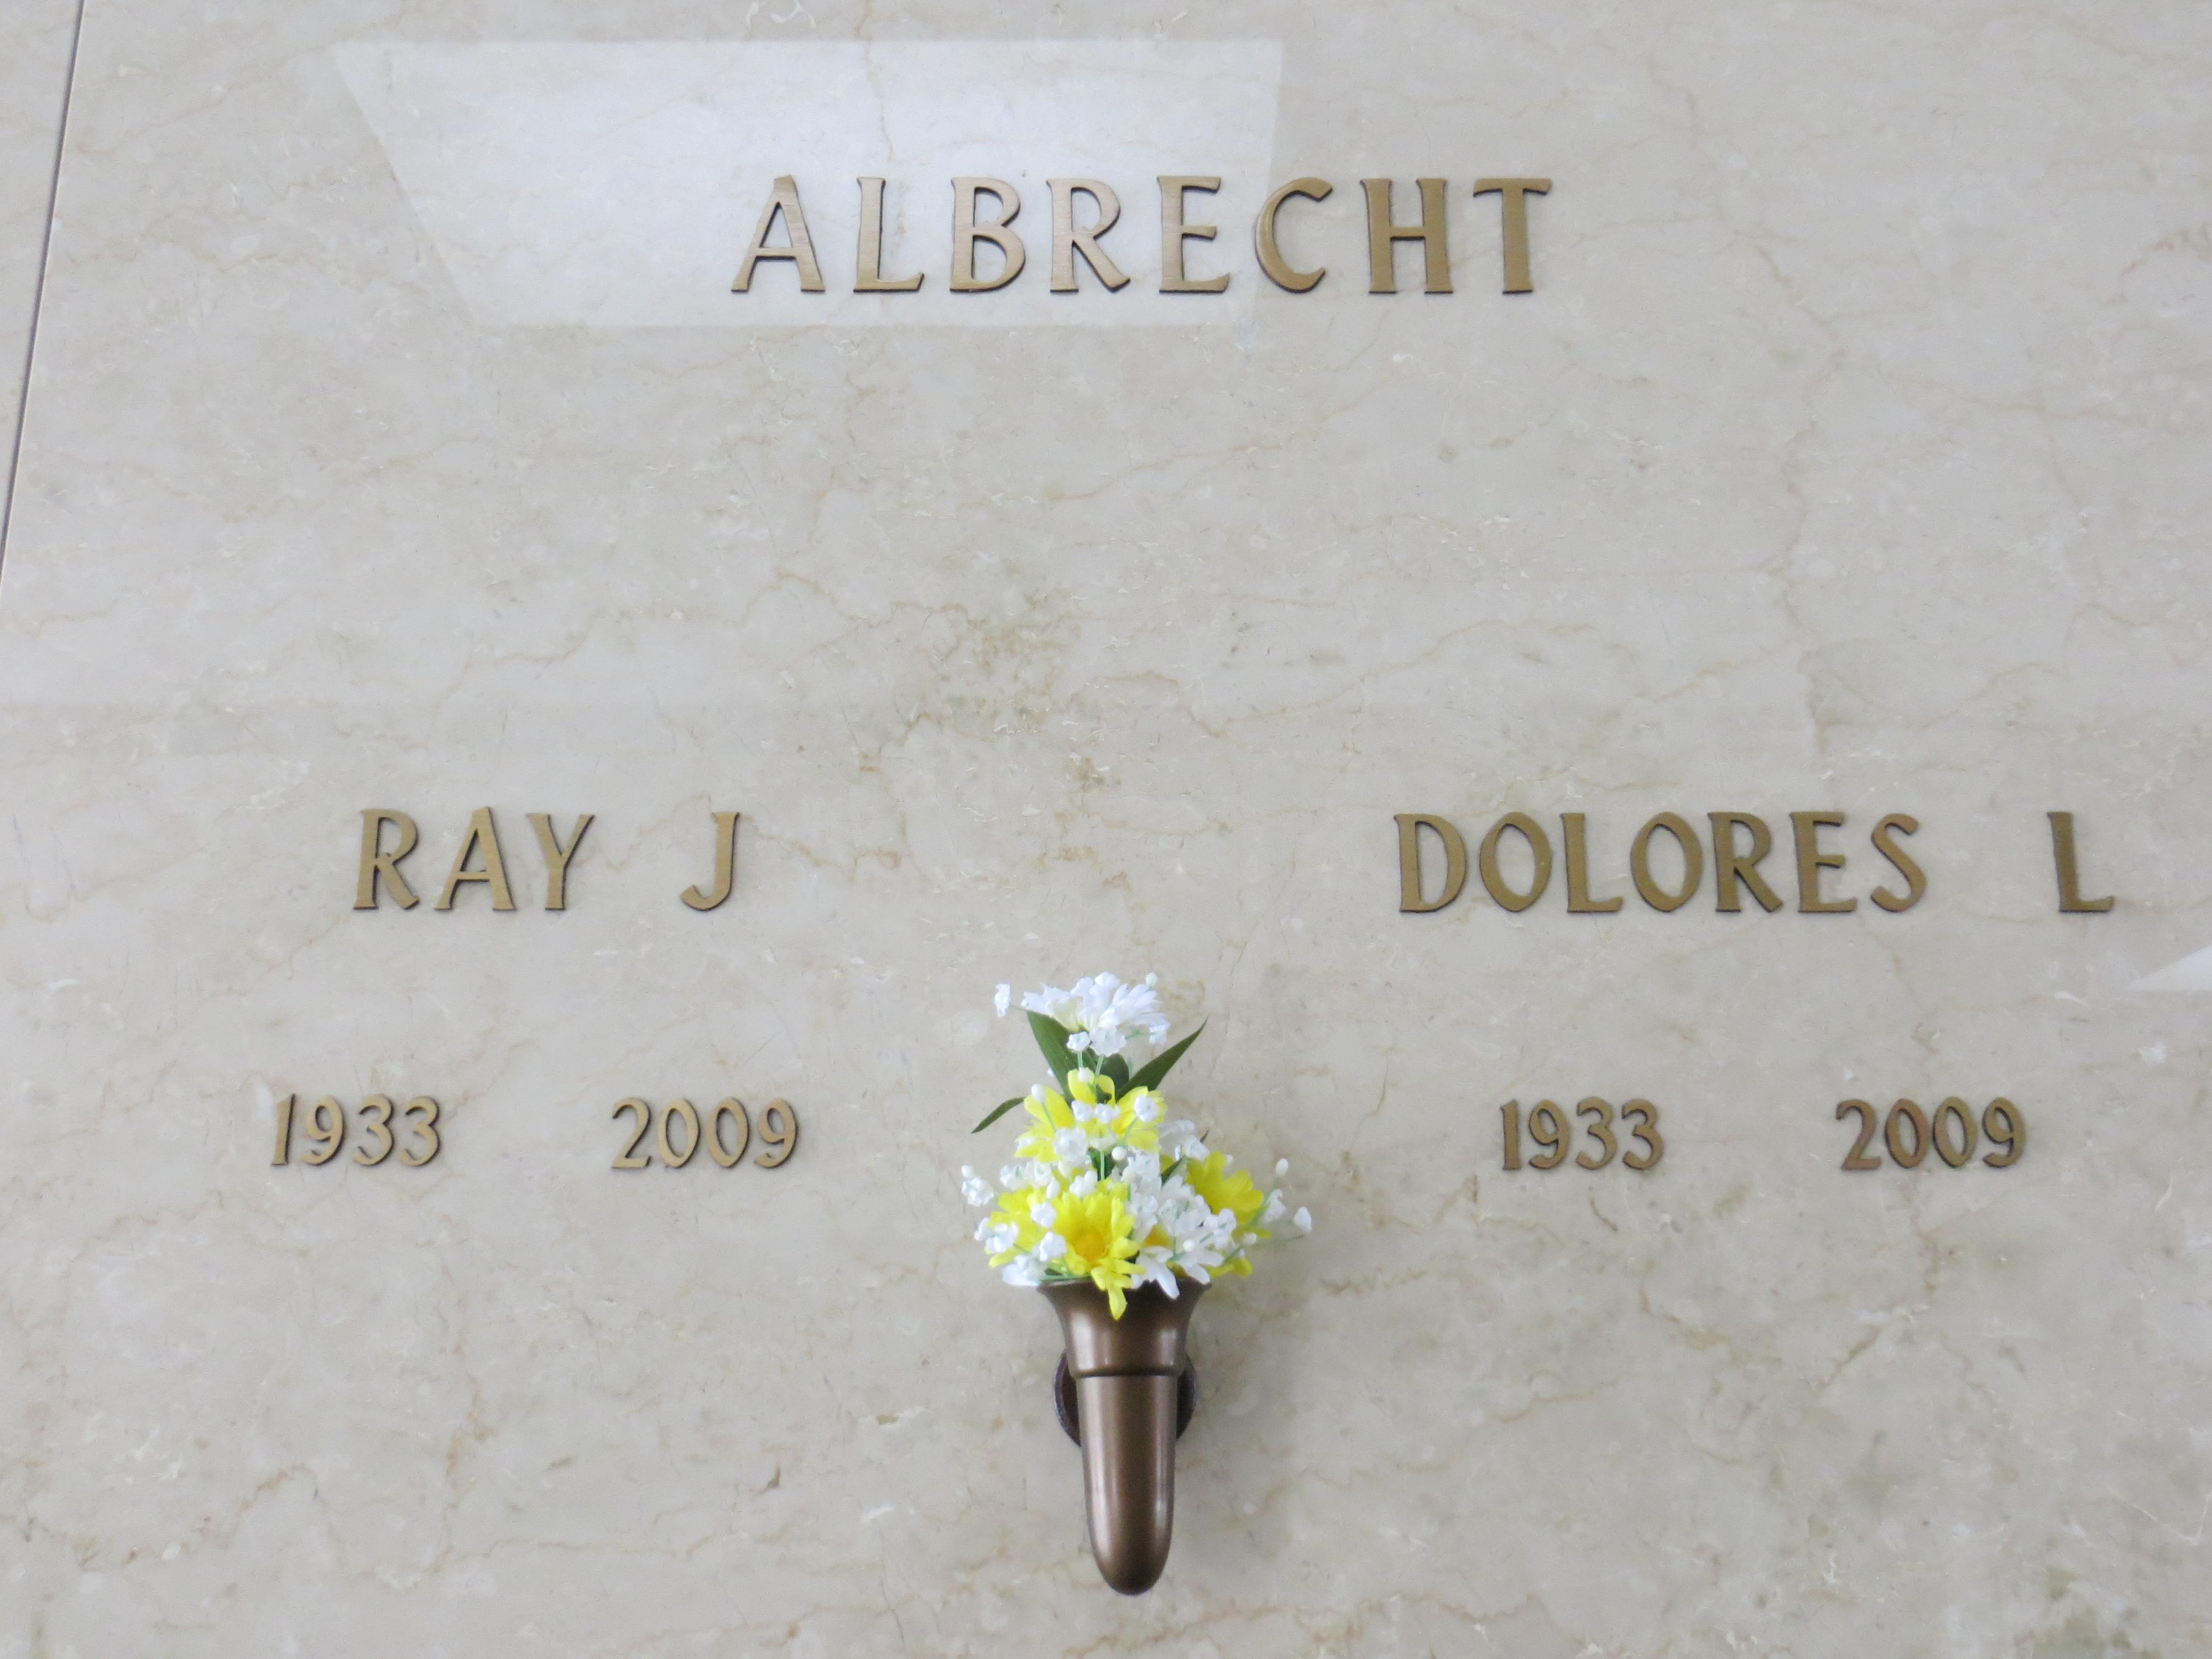 Dolores L. Albrecht